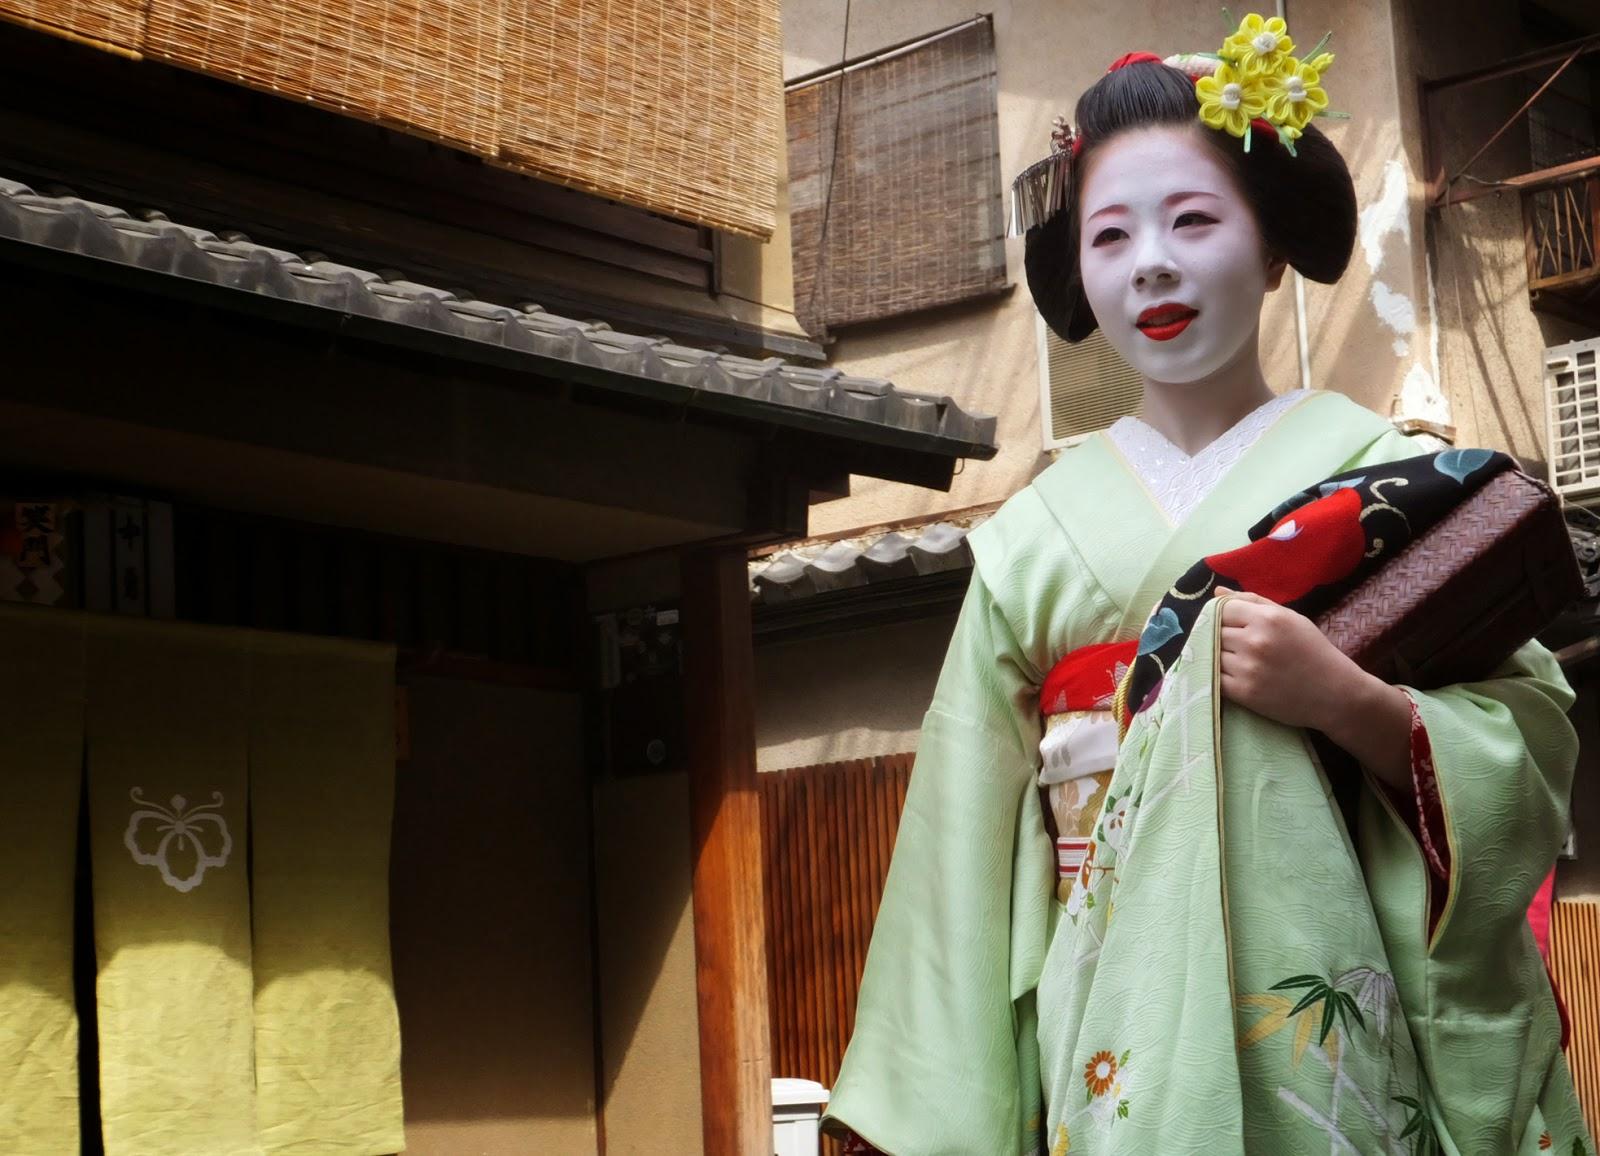 祇園東の「観亀神社」で、舞妓さん五人による「おもてなし」の茶会が開かれた。